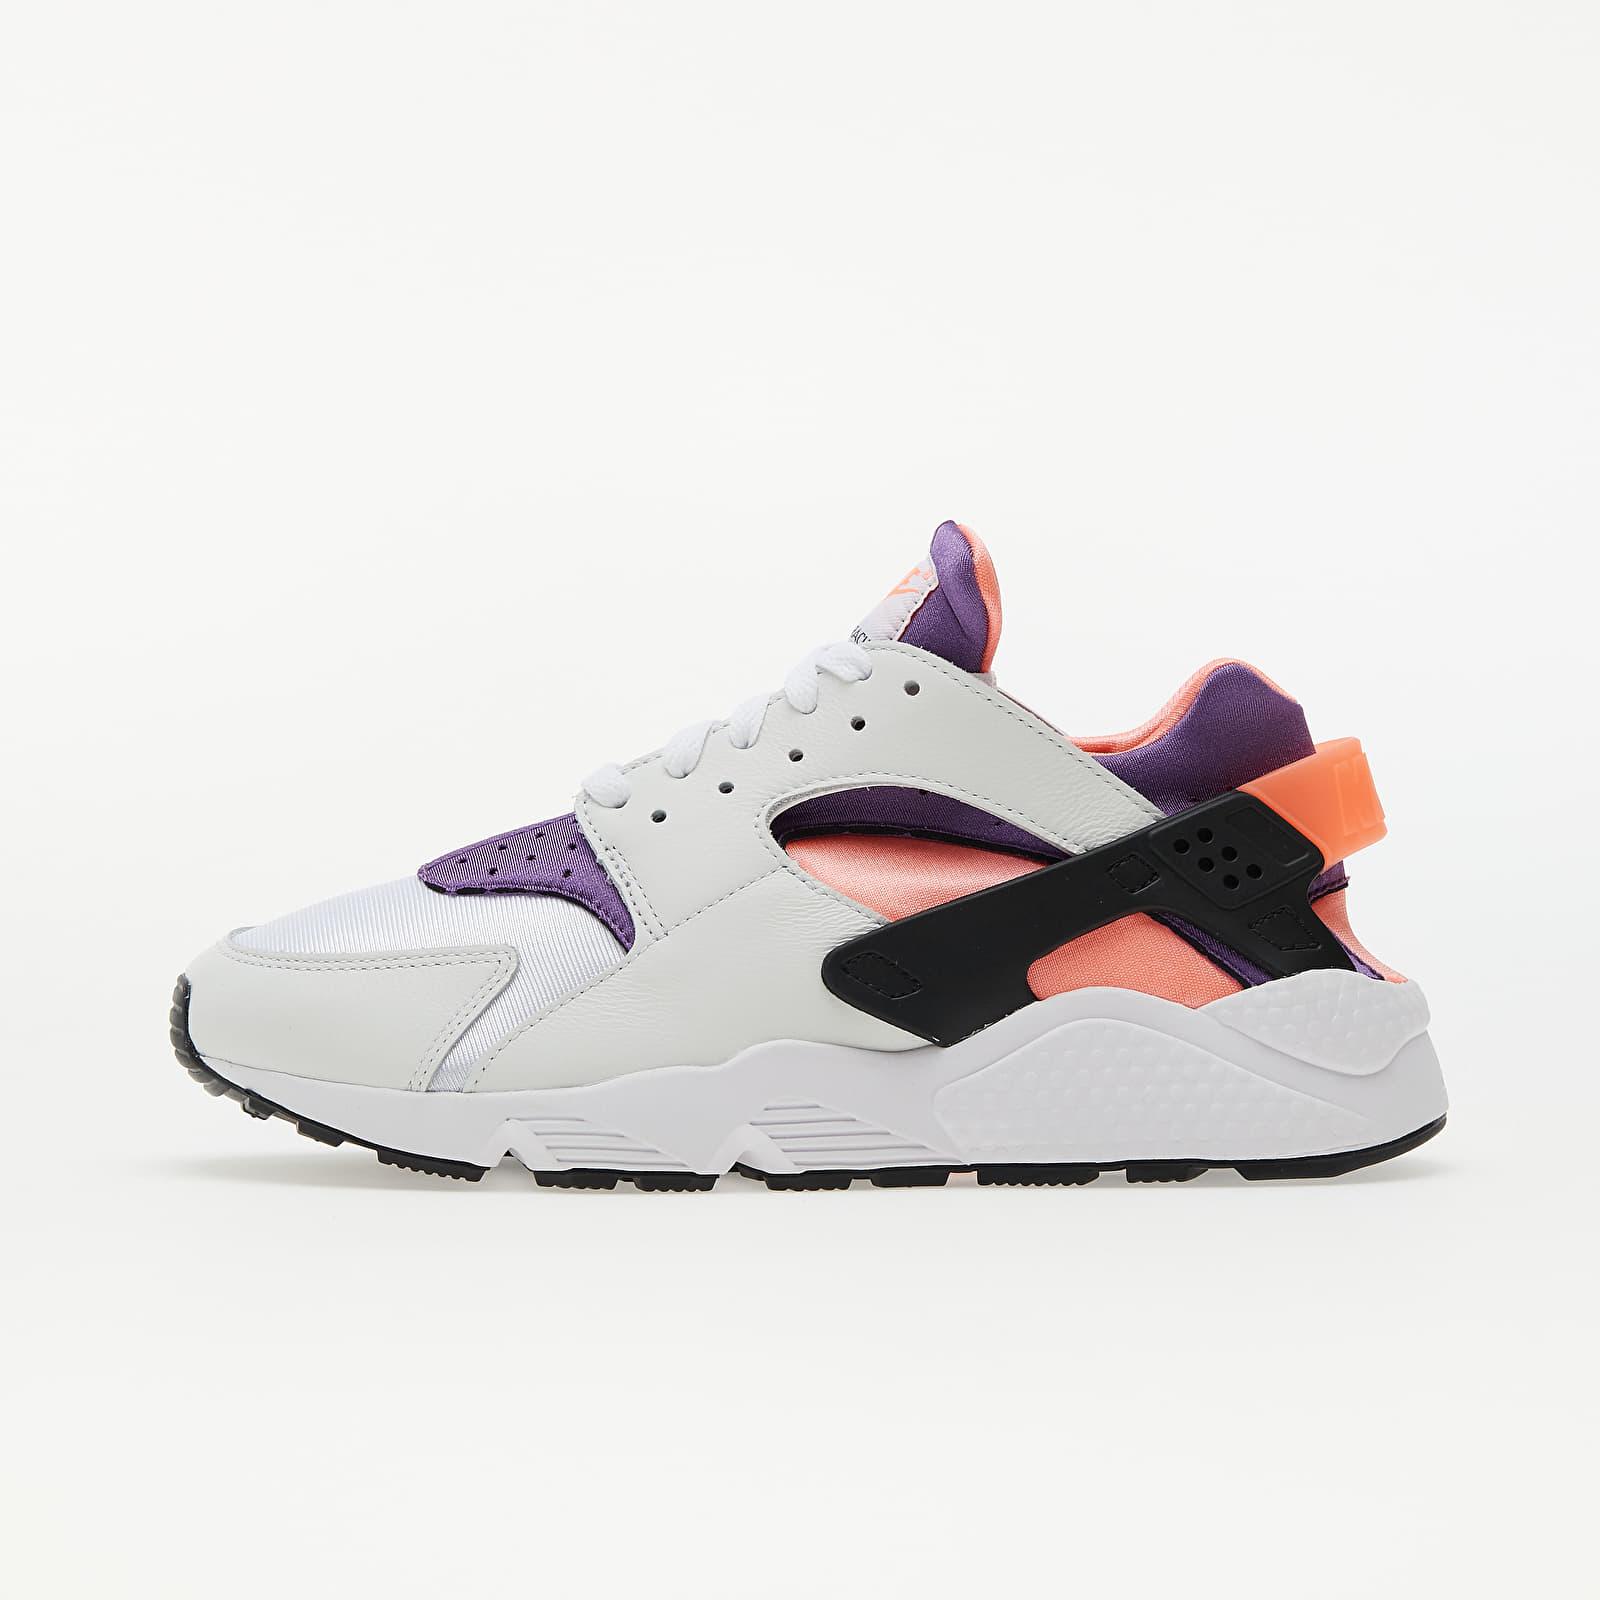 Nike Air Huarache White/ Purple-Bright Mango-Black EUR 43